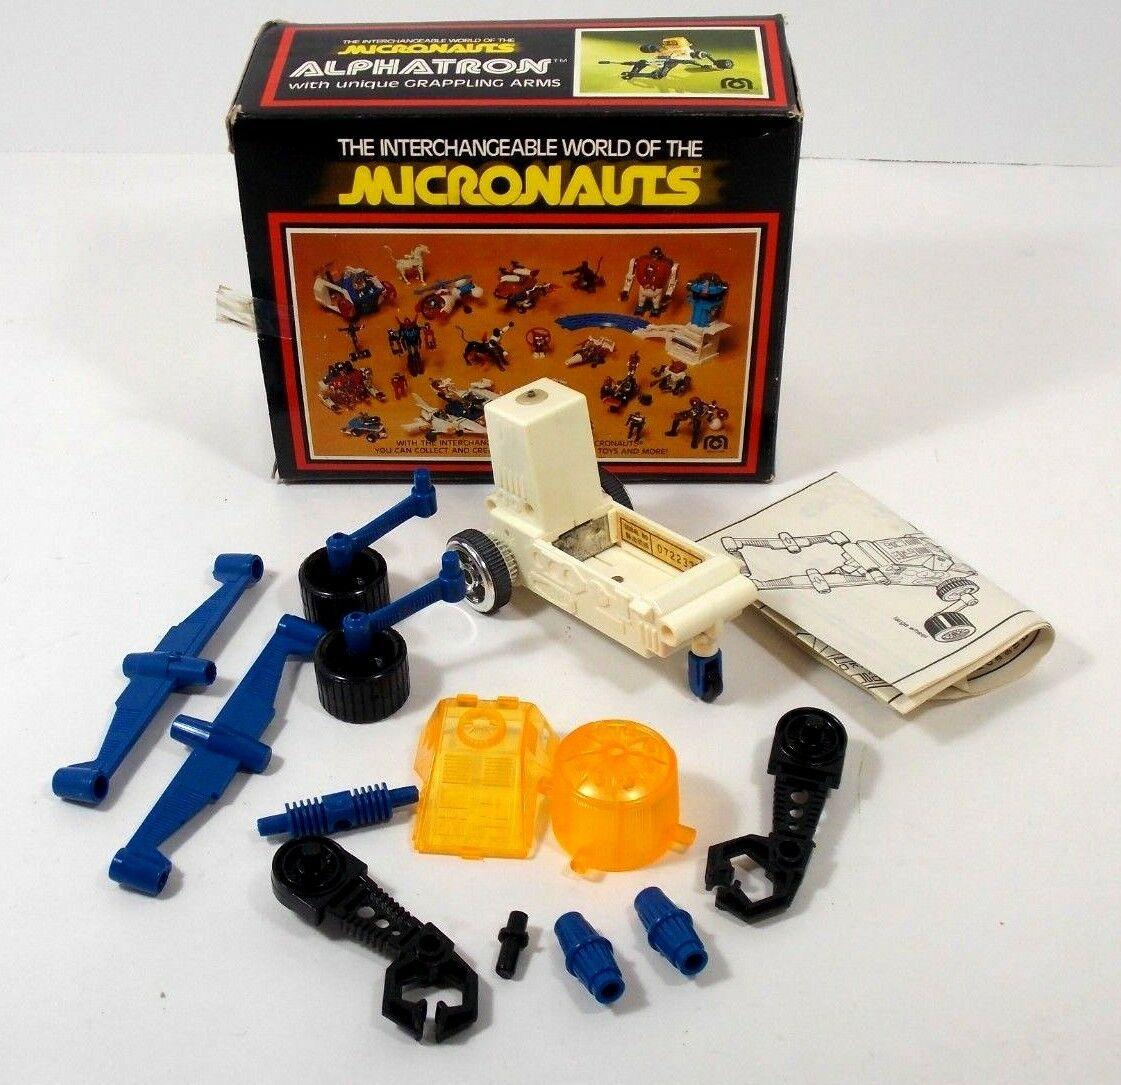 MEGO MICRONAUTS ALPHATRON W/BOX WORKS INCOMPLETE 1978